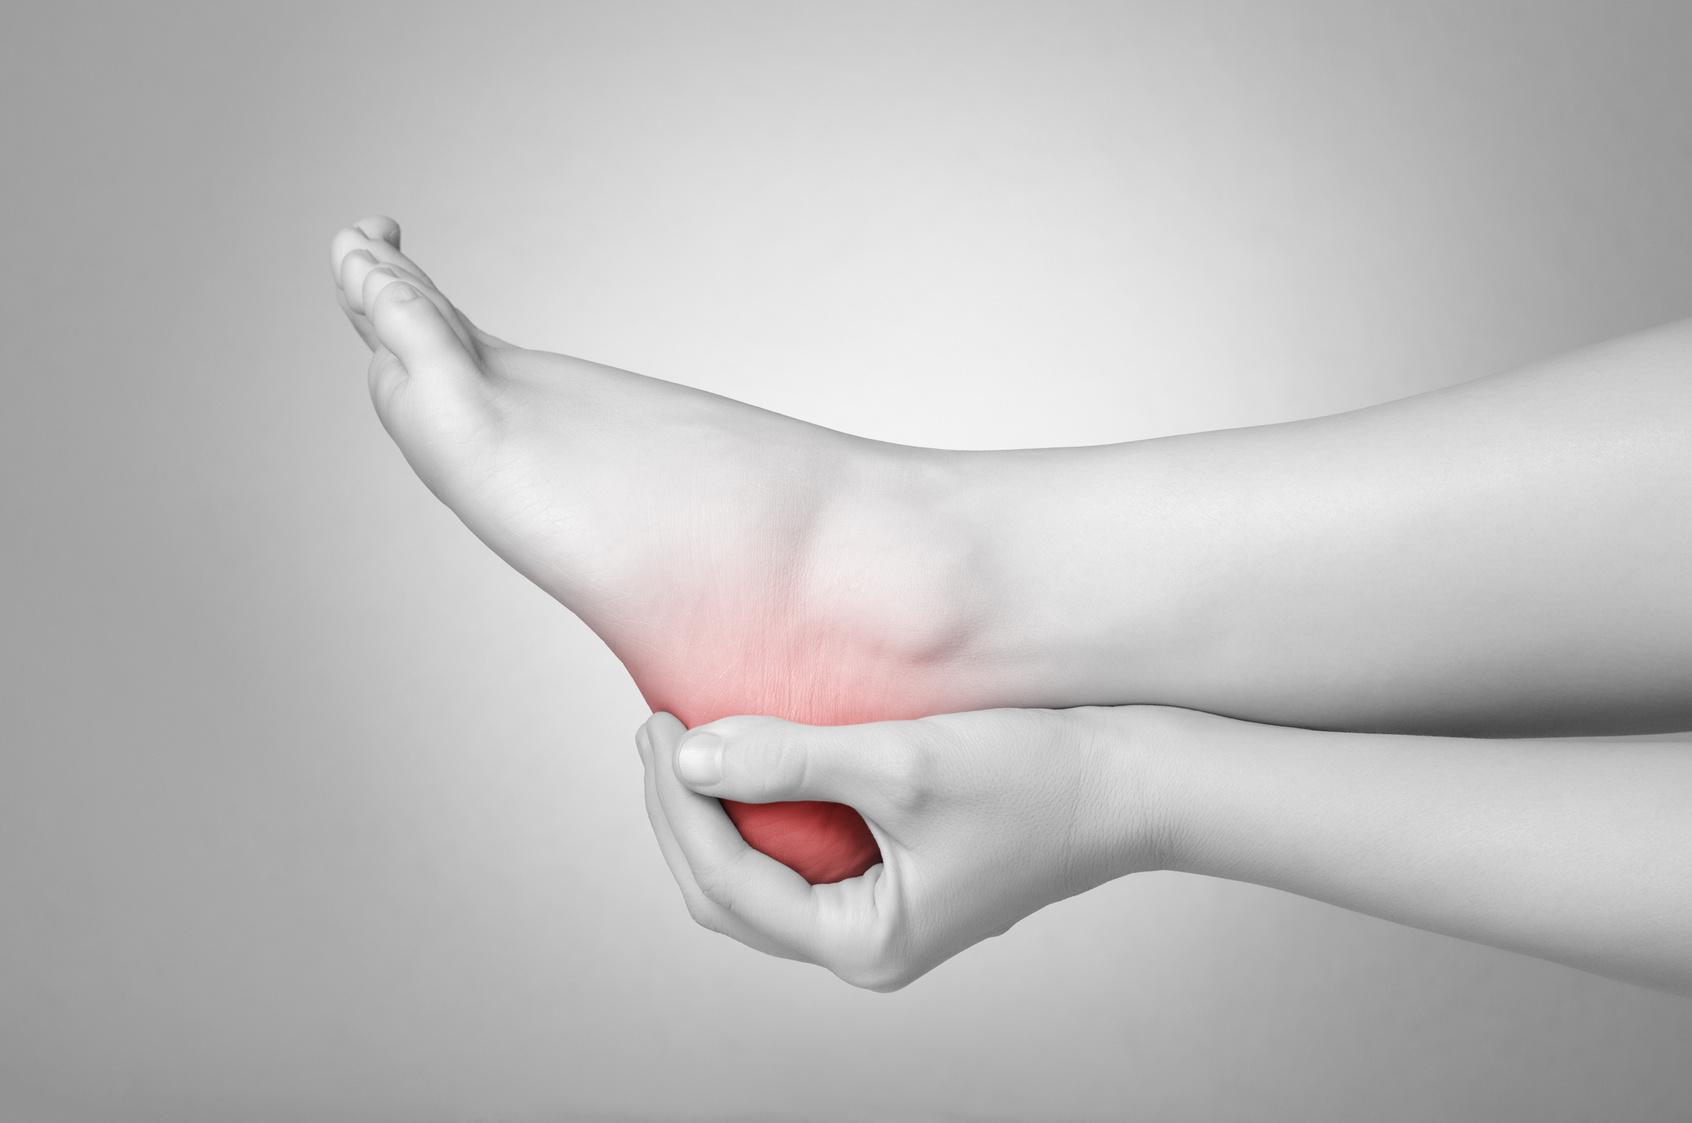 fájdalom a lábak térdízületében)